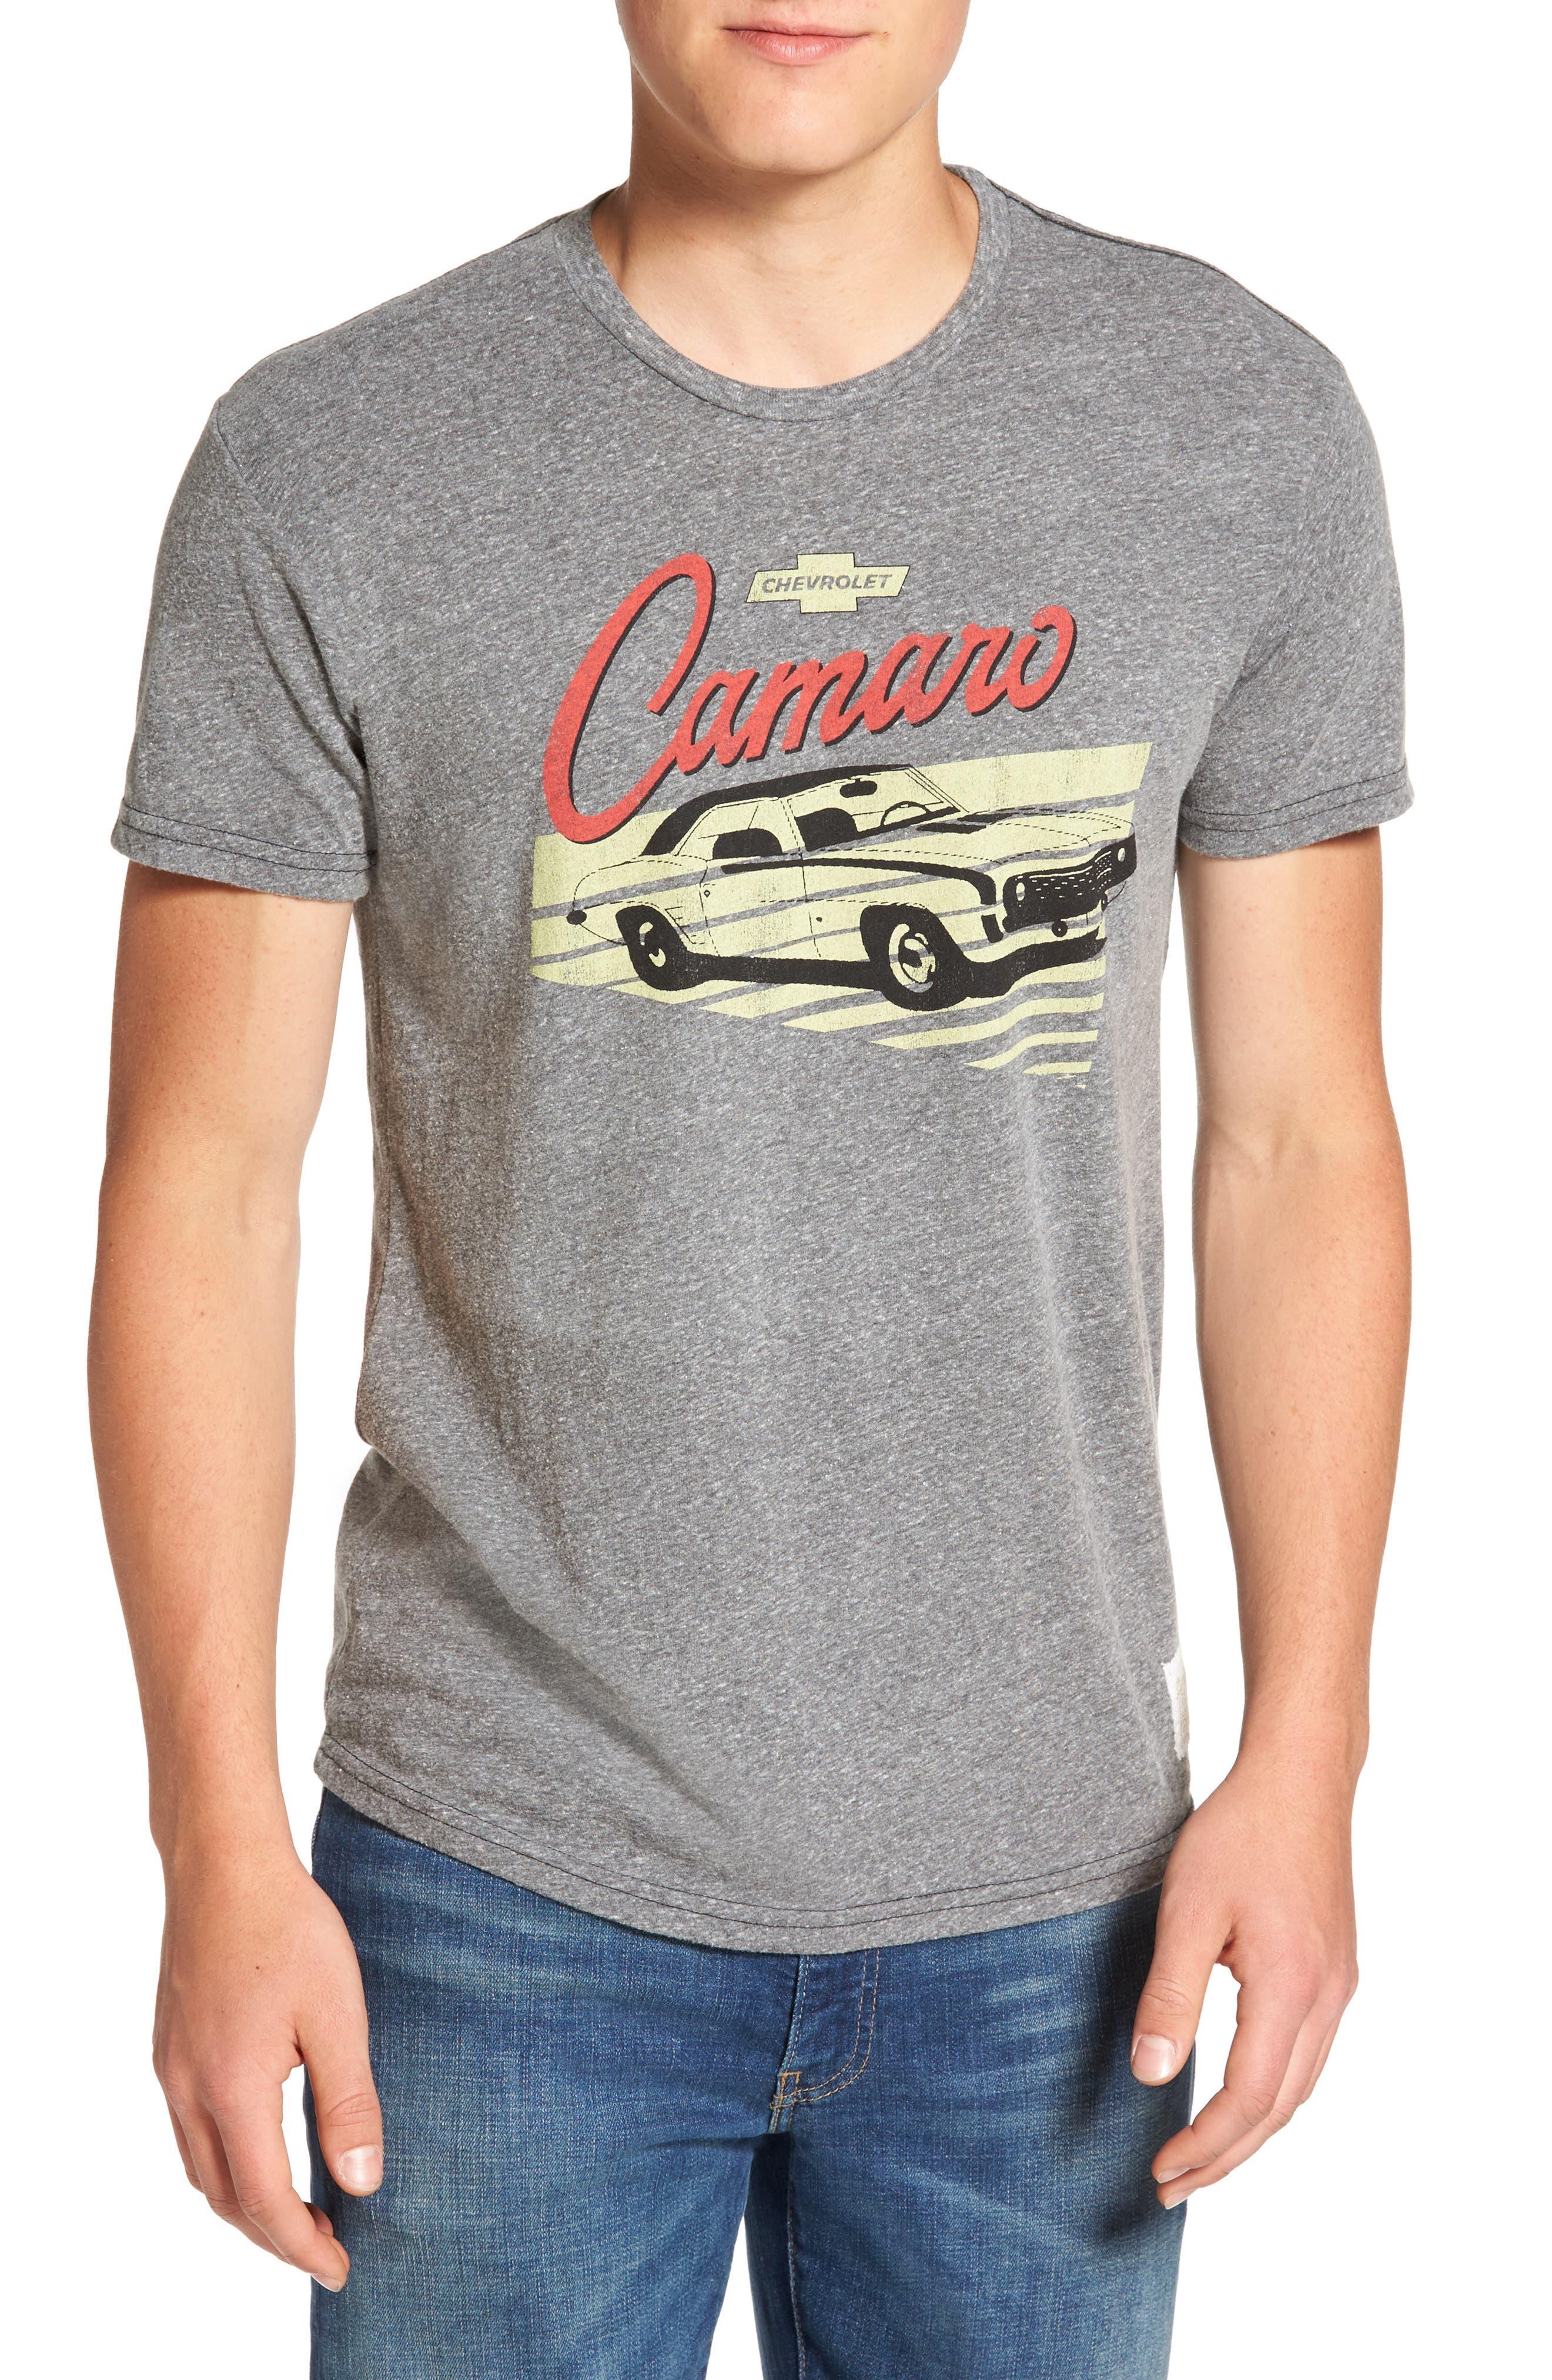 Retro Brand Camaro Graphic T-Shirt